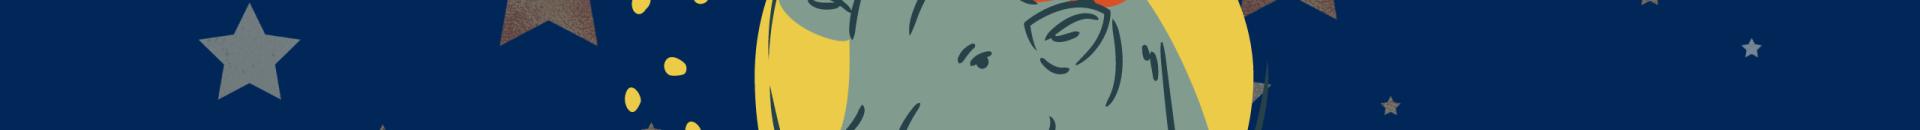 🎄 Occhio al Natale: Quattroscopo del Toro